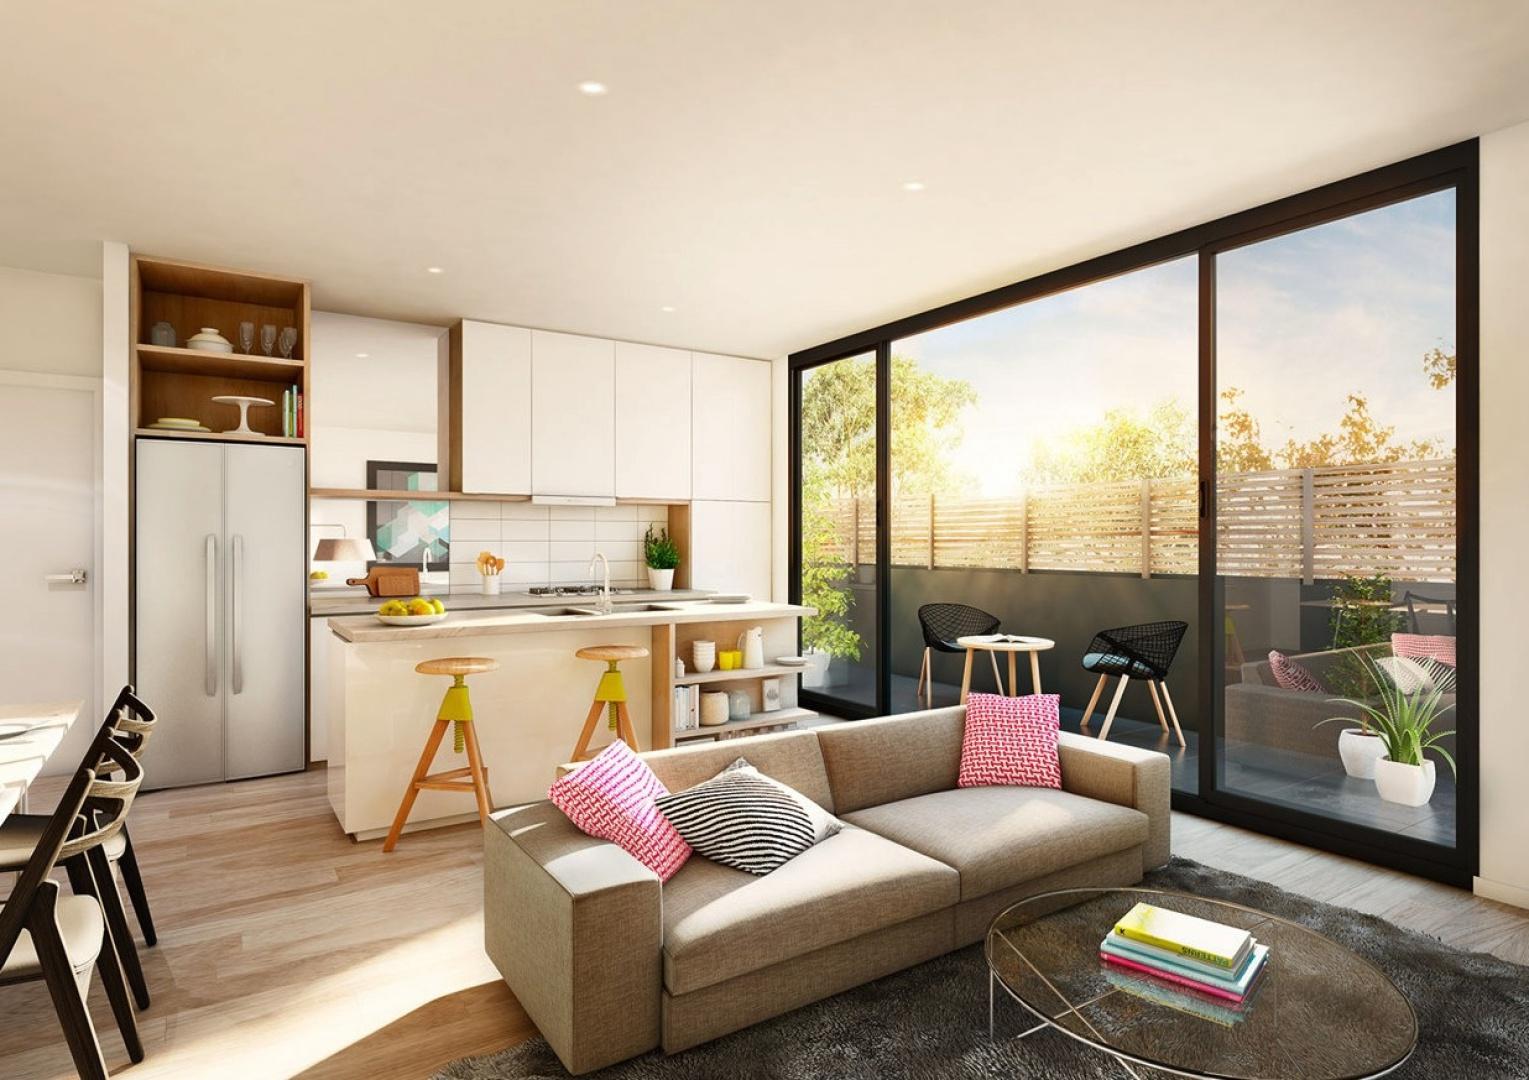 W mieszkaniu o małym metrażu najlepiej sprawdzi się lekka, przestronna aranżacja. Należy pamiętać aby meble nie obciążały niewielkiej przestrzeni. Warto wybrać więc te, o  prostej formie, które nadadzą pomieszczeniom funkcjonalny charakter. Fot. Lushviz.